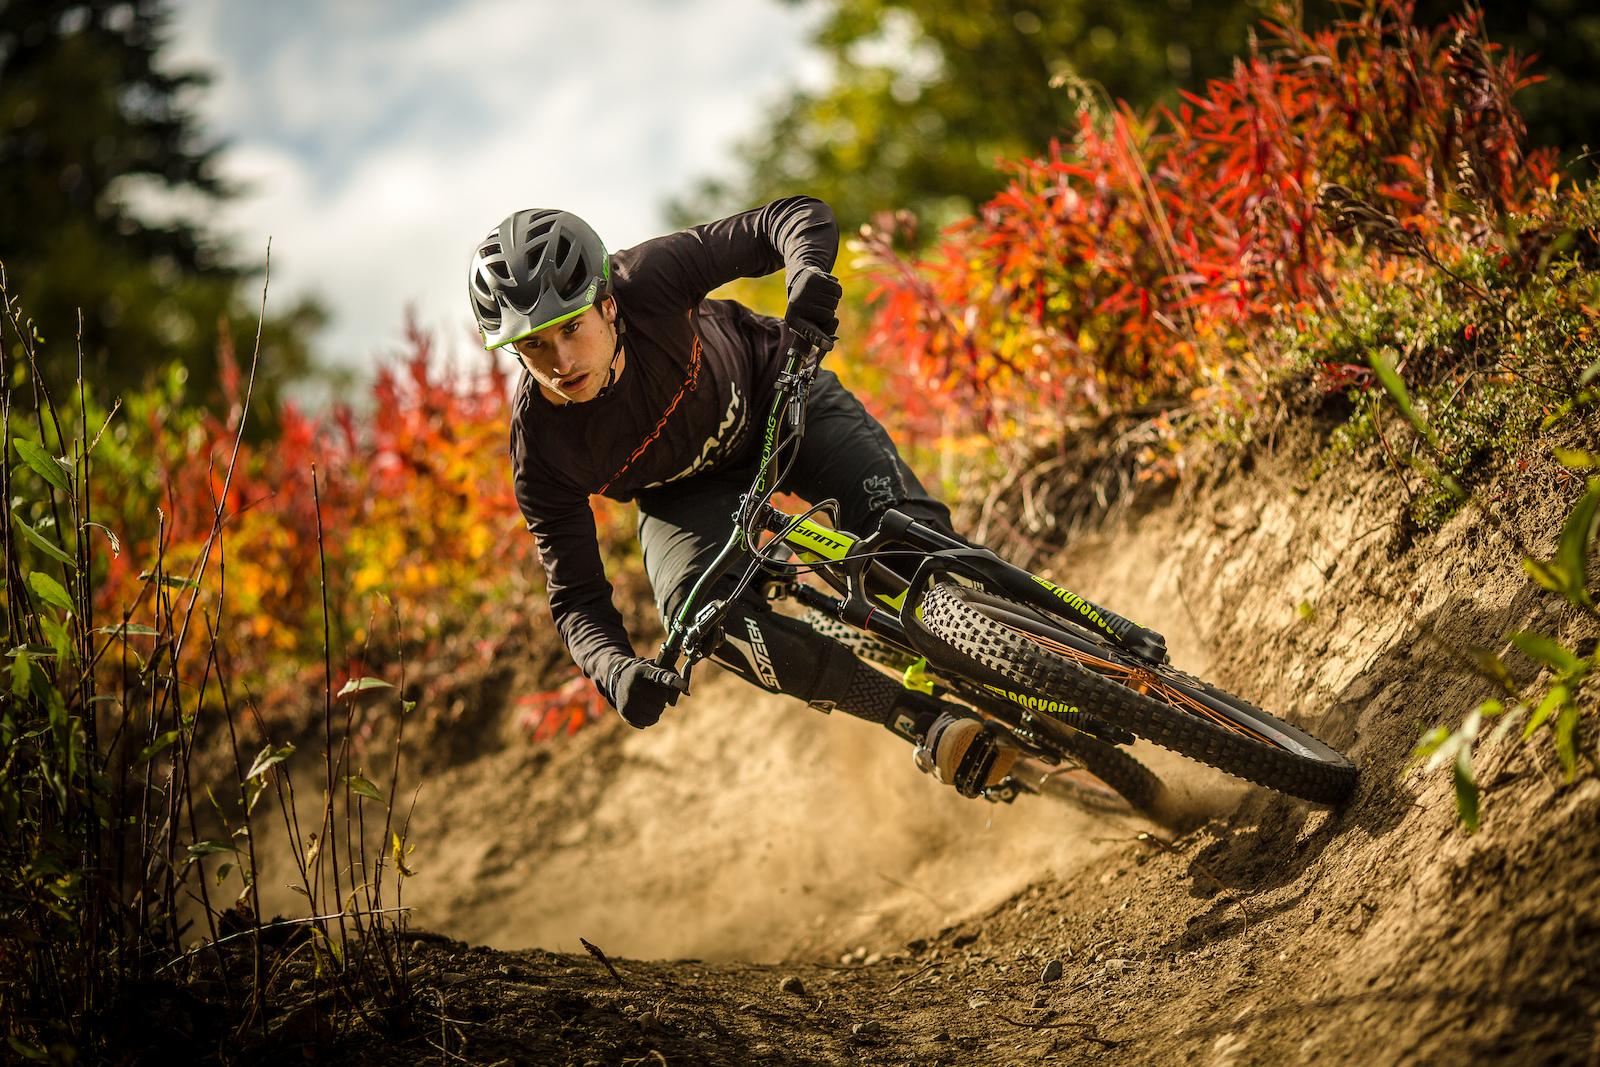 Matt Butterworth photo